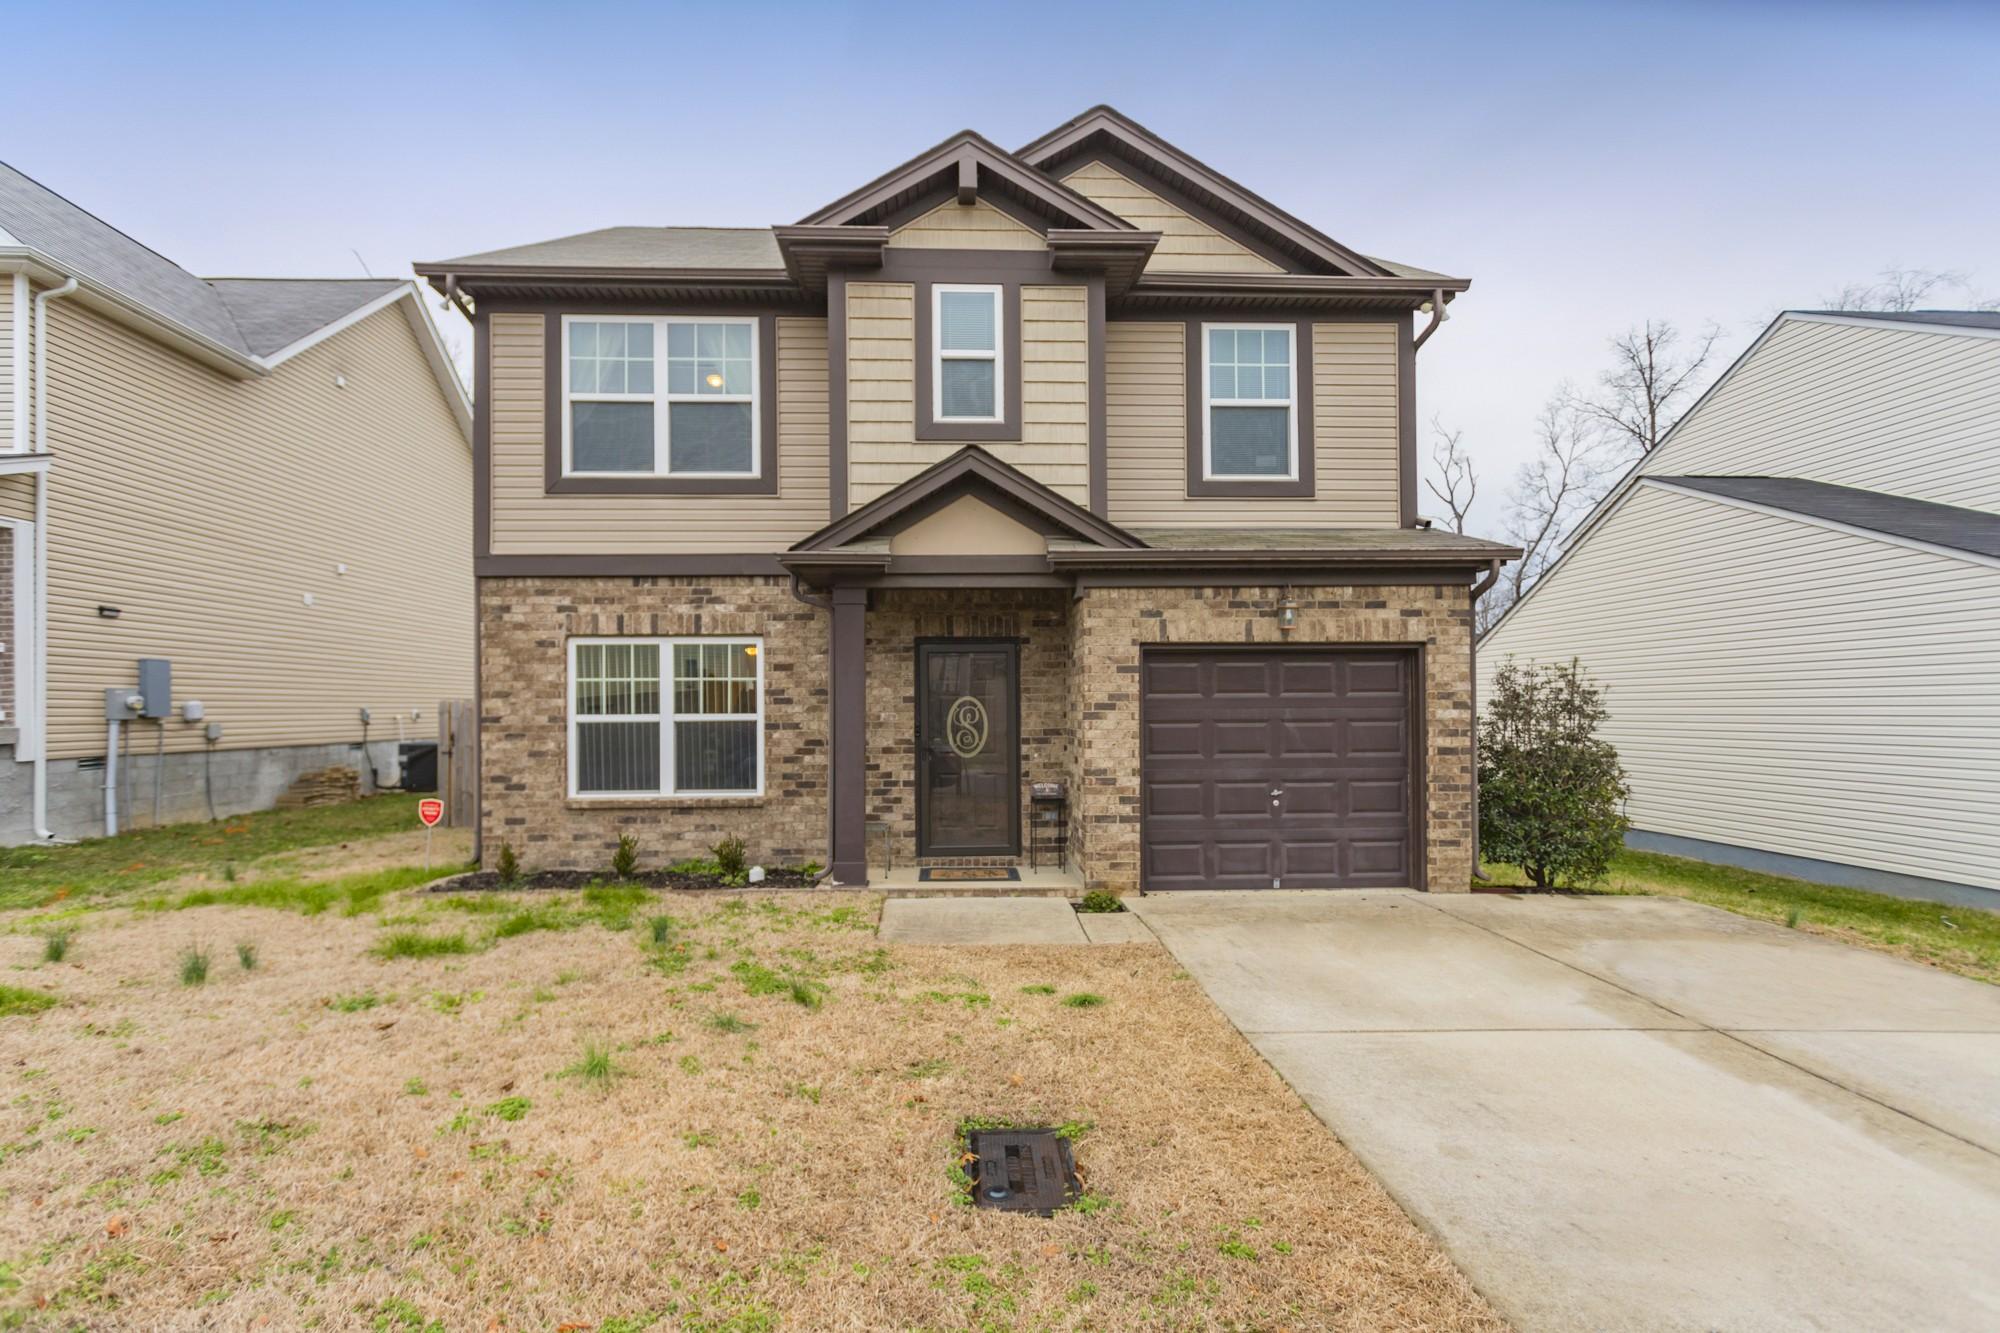 612 Sandrose Ct, Antioch, TN 37013 - Antioch, TN real estate listing